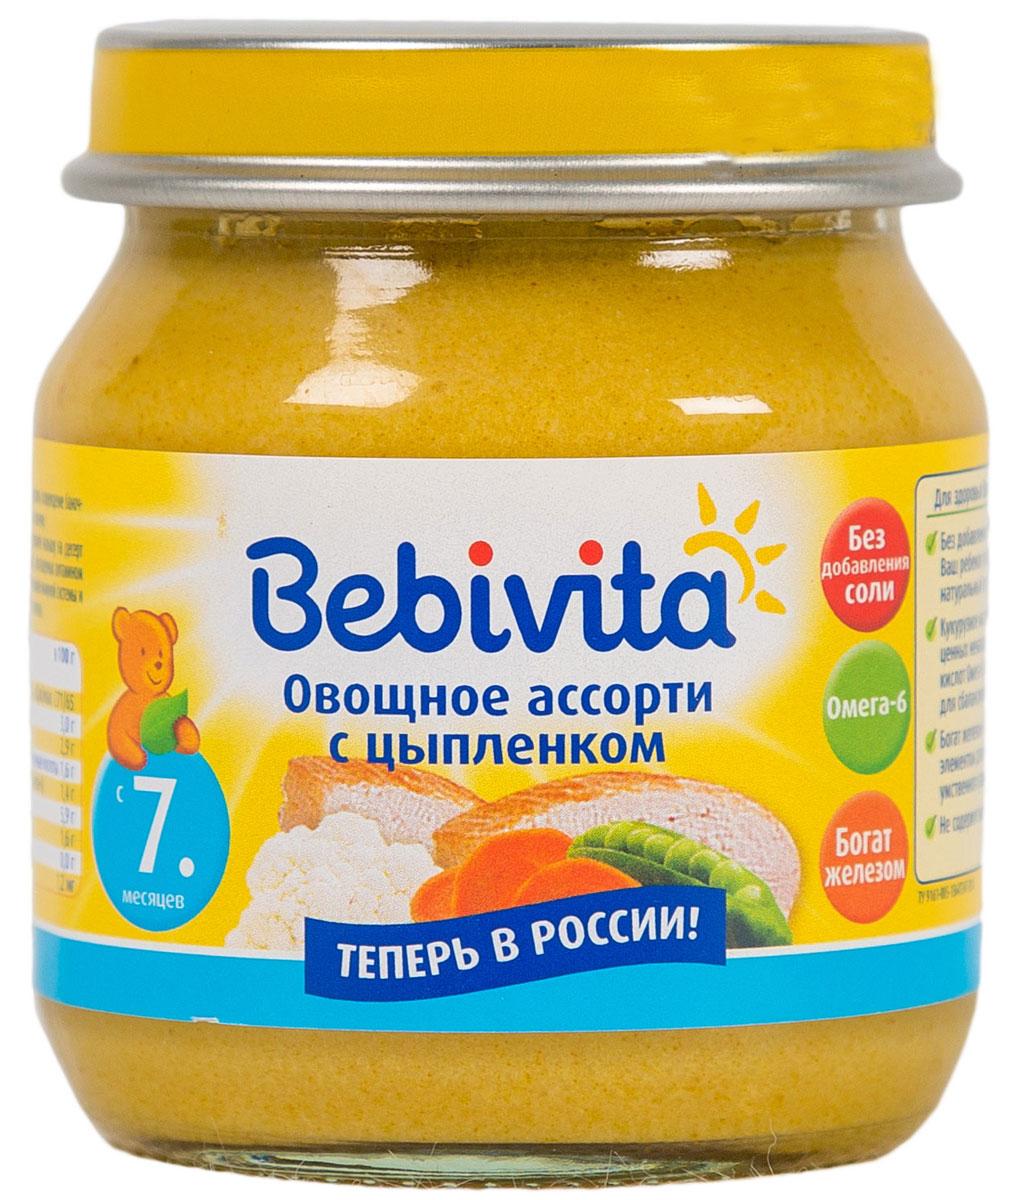 Bebivita пюре овощное ассорти с цыпленком, с 7 месяцев, 100 г9007253102209Пюре Bebivita Овощное ассорти с цыпленком рекомендуется детям с 7 месяцев в качестве прикорма или полноценного блюда. Основу пюре составляют морковь, зеленый горошек, цветная капуста, мясо цыпленка и кукурузное масло.Горошек содержит высокий уровень растительных волокон и антиоксидантов, а также витамины группы В, С и РР, минеральные вещества, каротин, соли железа, фосфора и калия. Большое содержание селена снижает вероятность онкологических заболеваний. Зеленый горошек блокирует поступление в организм ряда радиоактивных металлов. Он положительно влияет на работу сердечно-сосудистой системы и почек. Морковь богата бета-каротином, йодом, солями кальция, фосфора, железа, а также эфирными маслами и фитонцидами. В ней содержатся витамины К, С, РР, B1, B2, В6. Морковь способствует улучшению состояния кожных покровов, слизистых оболочек и зрения. Ее используют при заболеваниях сердечно-сосудистой системы, печени и почек, при стрессе и малокровии. Цветная капуста богата витаминами и минералами. В головках капусты присутствуют пектиновые вещества, яблочная и лимонная, фолиевая и пантотеновая кислоты, соли фосфора, кальция и магния. В ней содержатся полноценные по аминокислотному составу белки. Цветная капуста особенно полезна в детском питании, так как благотворно воздействует на работу детского желудка и кишечника.Мясо цыпленка богато витаминами и минералами, необходимыми для полноценного роста и развития малыша. В нем содержатся протеин, железо, калий, фосфор, магний, медь, йод, марганец, витамины С, В1, В2, В6, В9, Е, А, РР. Мясо цыпленка можно употреблять без вреда для здоровья в намного большем количестве, чем другое мясо, потому что в нем практически нет жира. Куриное мясо благотворно воздействует на работу детского желудка и кишечника. Оно полезно для профилактики сердечных заболеваний и заболеваний системы кровообращения. В состав продукта входит кукурузное масло - ценный источник ненасыщенных